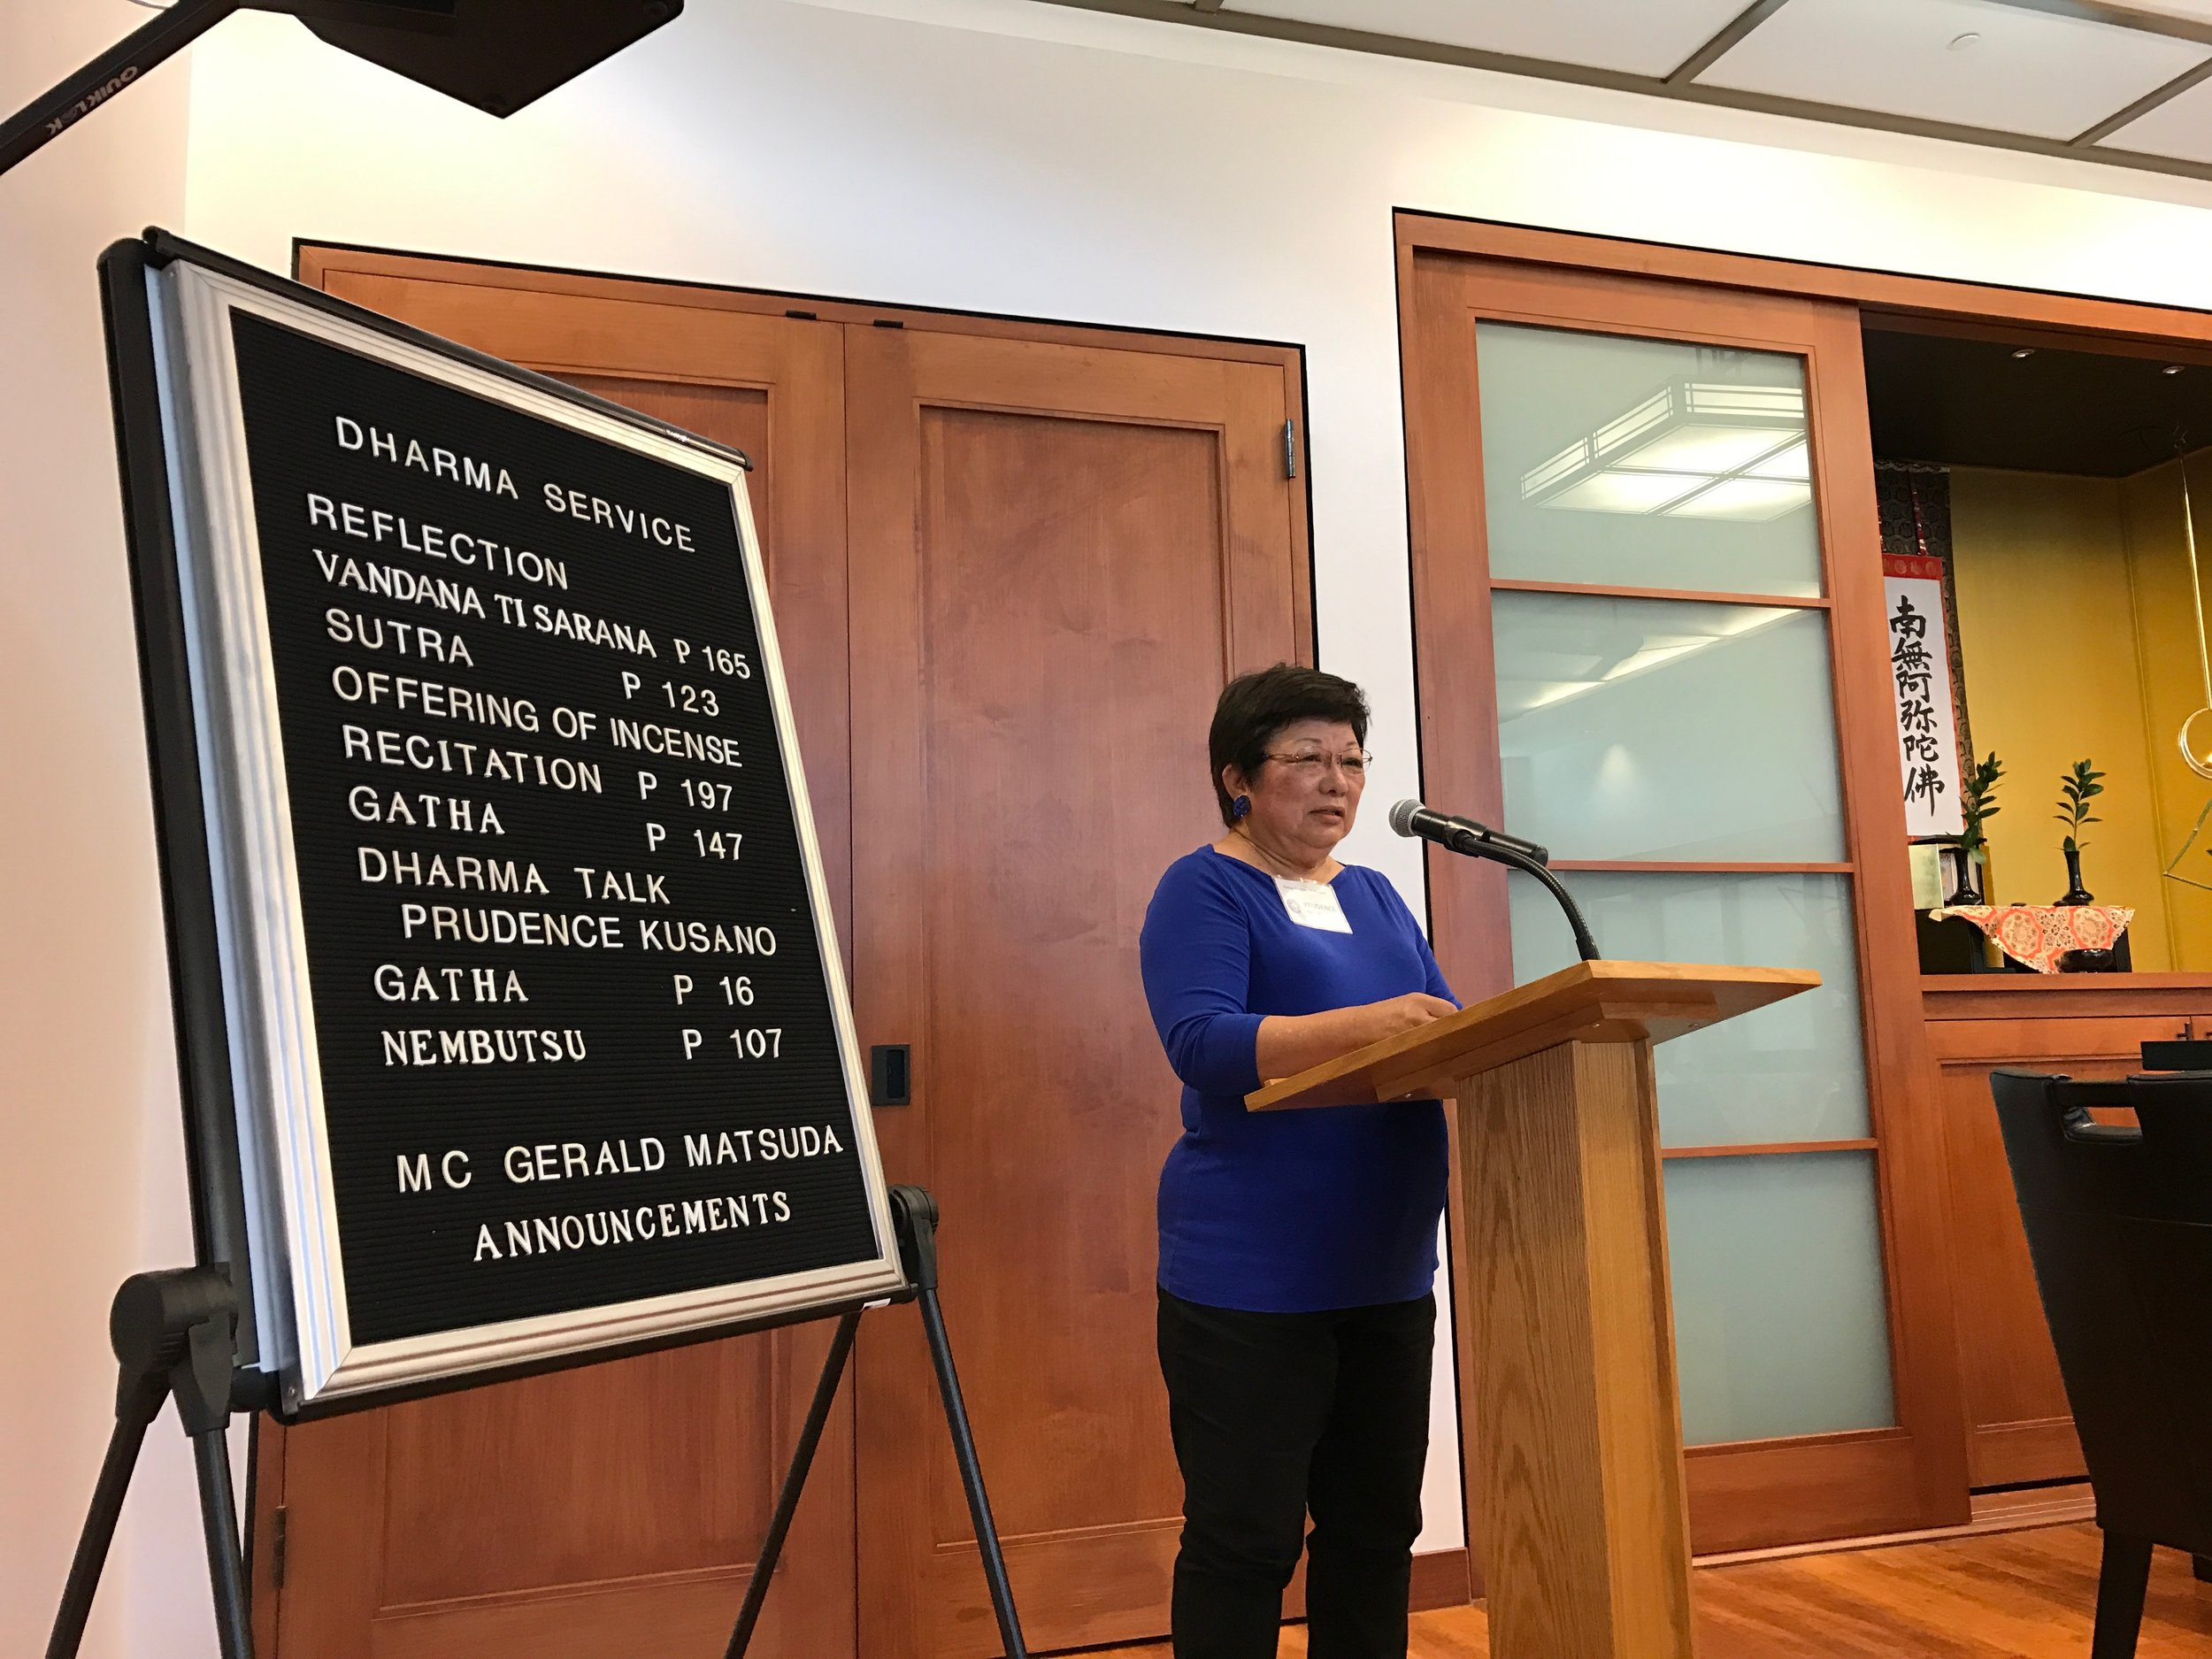 Prudence Kusano gave the Dharma Talk